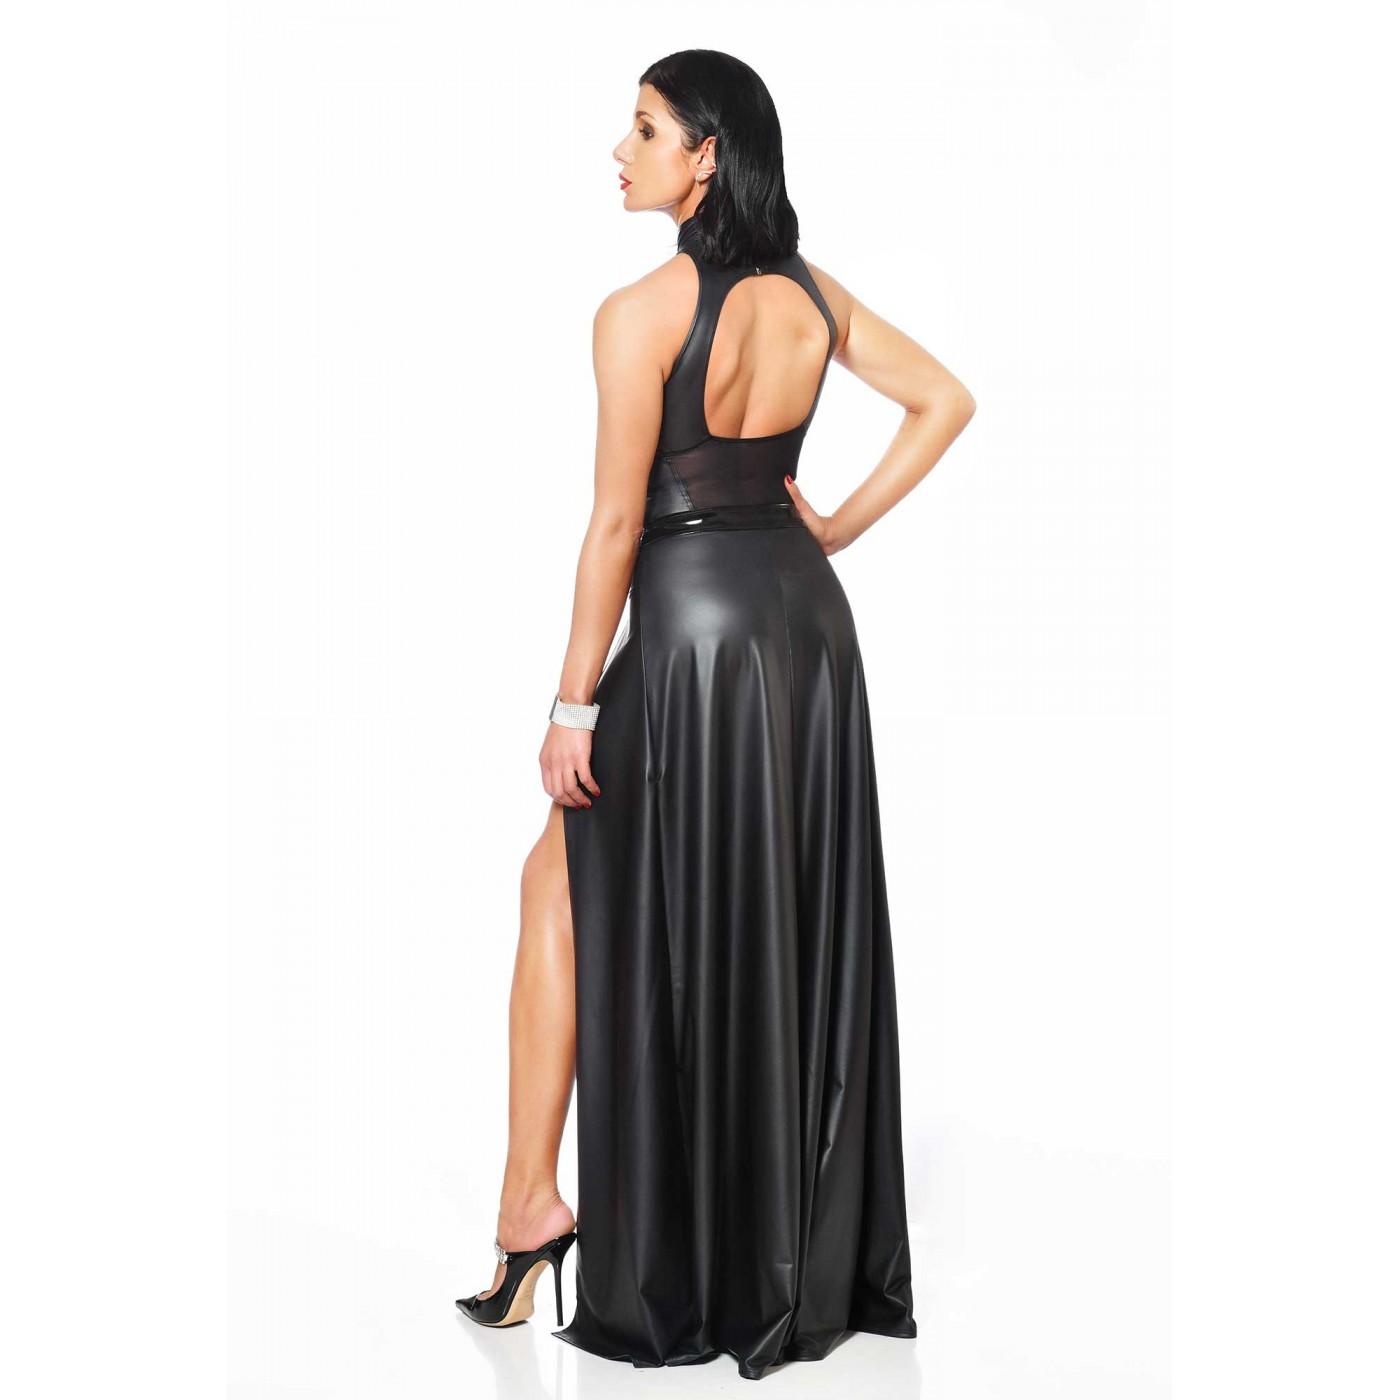 Klaudia, falda larga de wetlook - Patrice Catanzaro